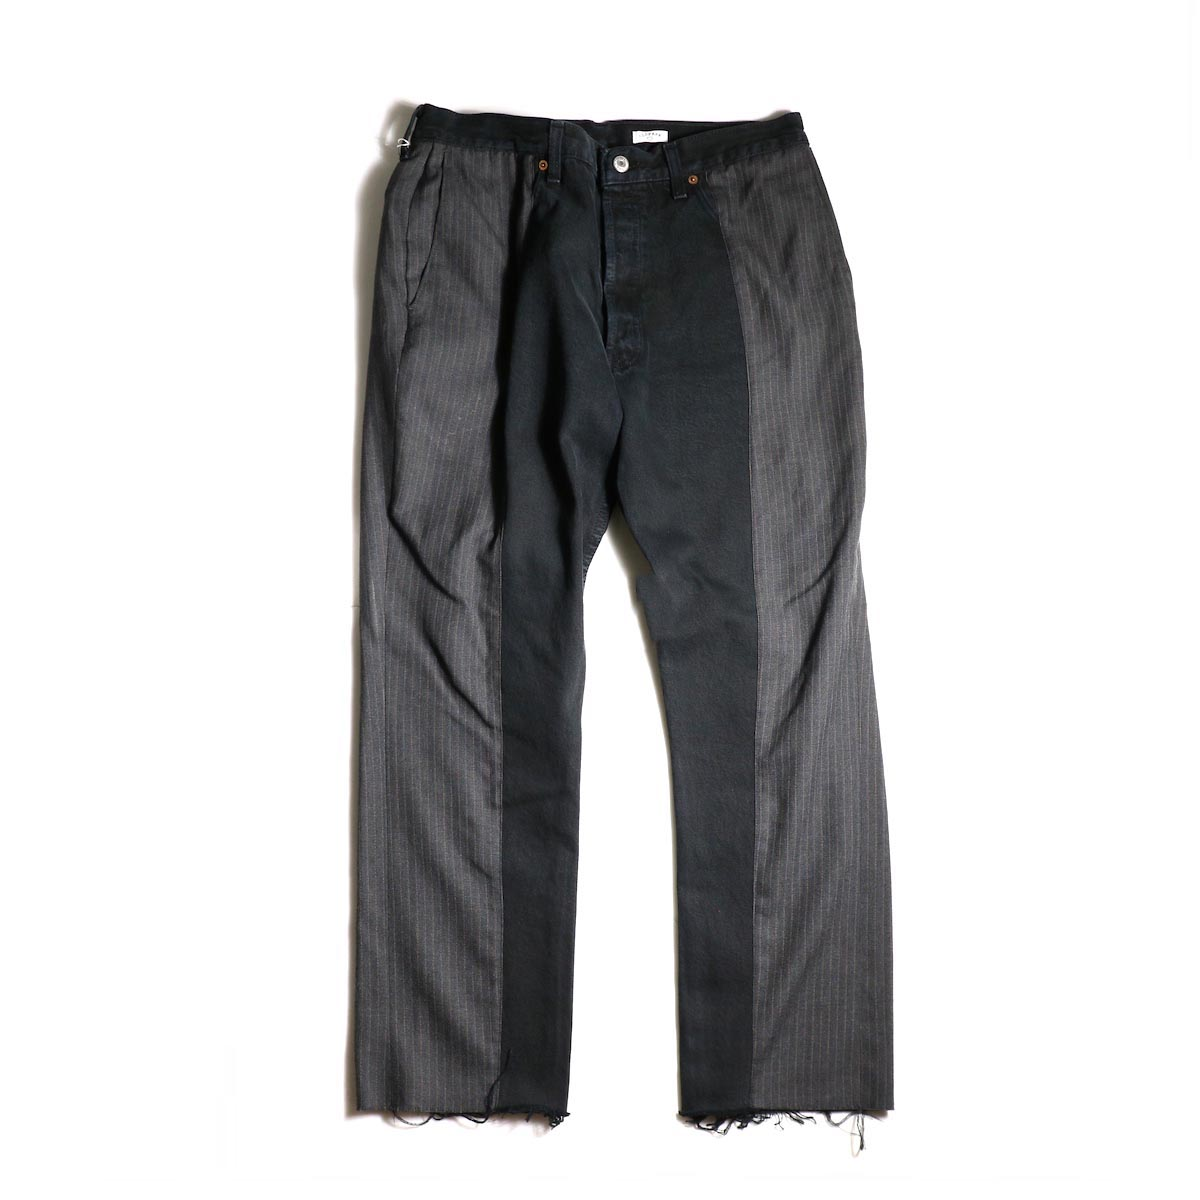 OLD PARK / Docking Jeans Black (Lsize)